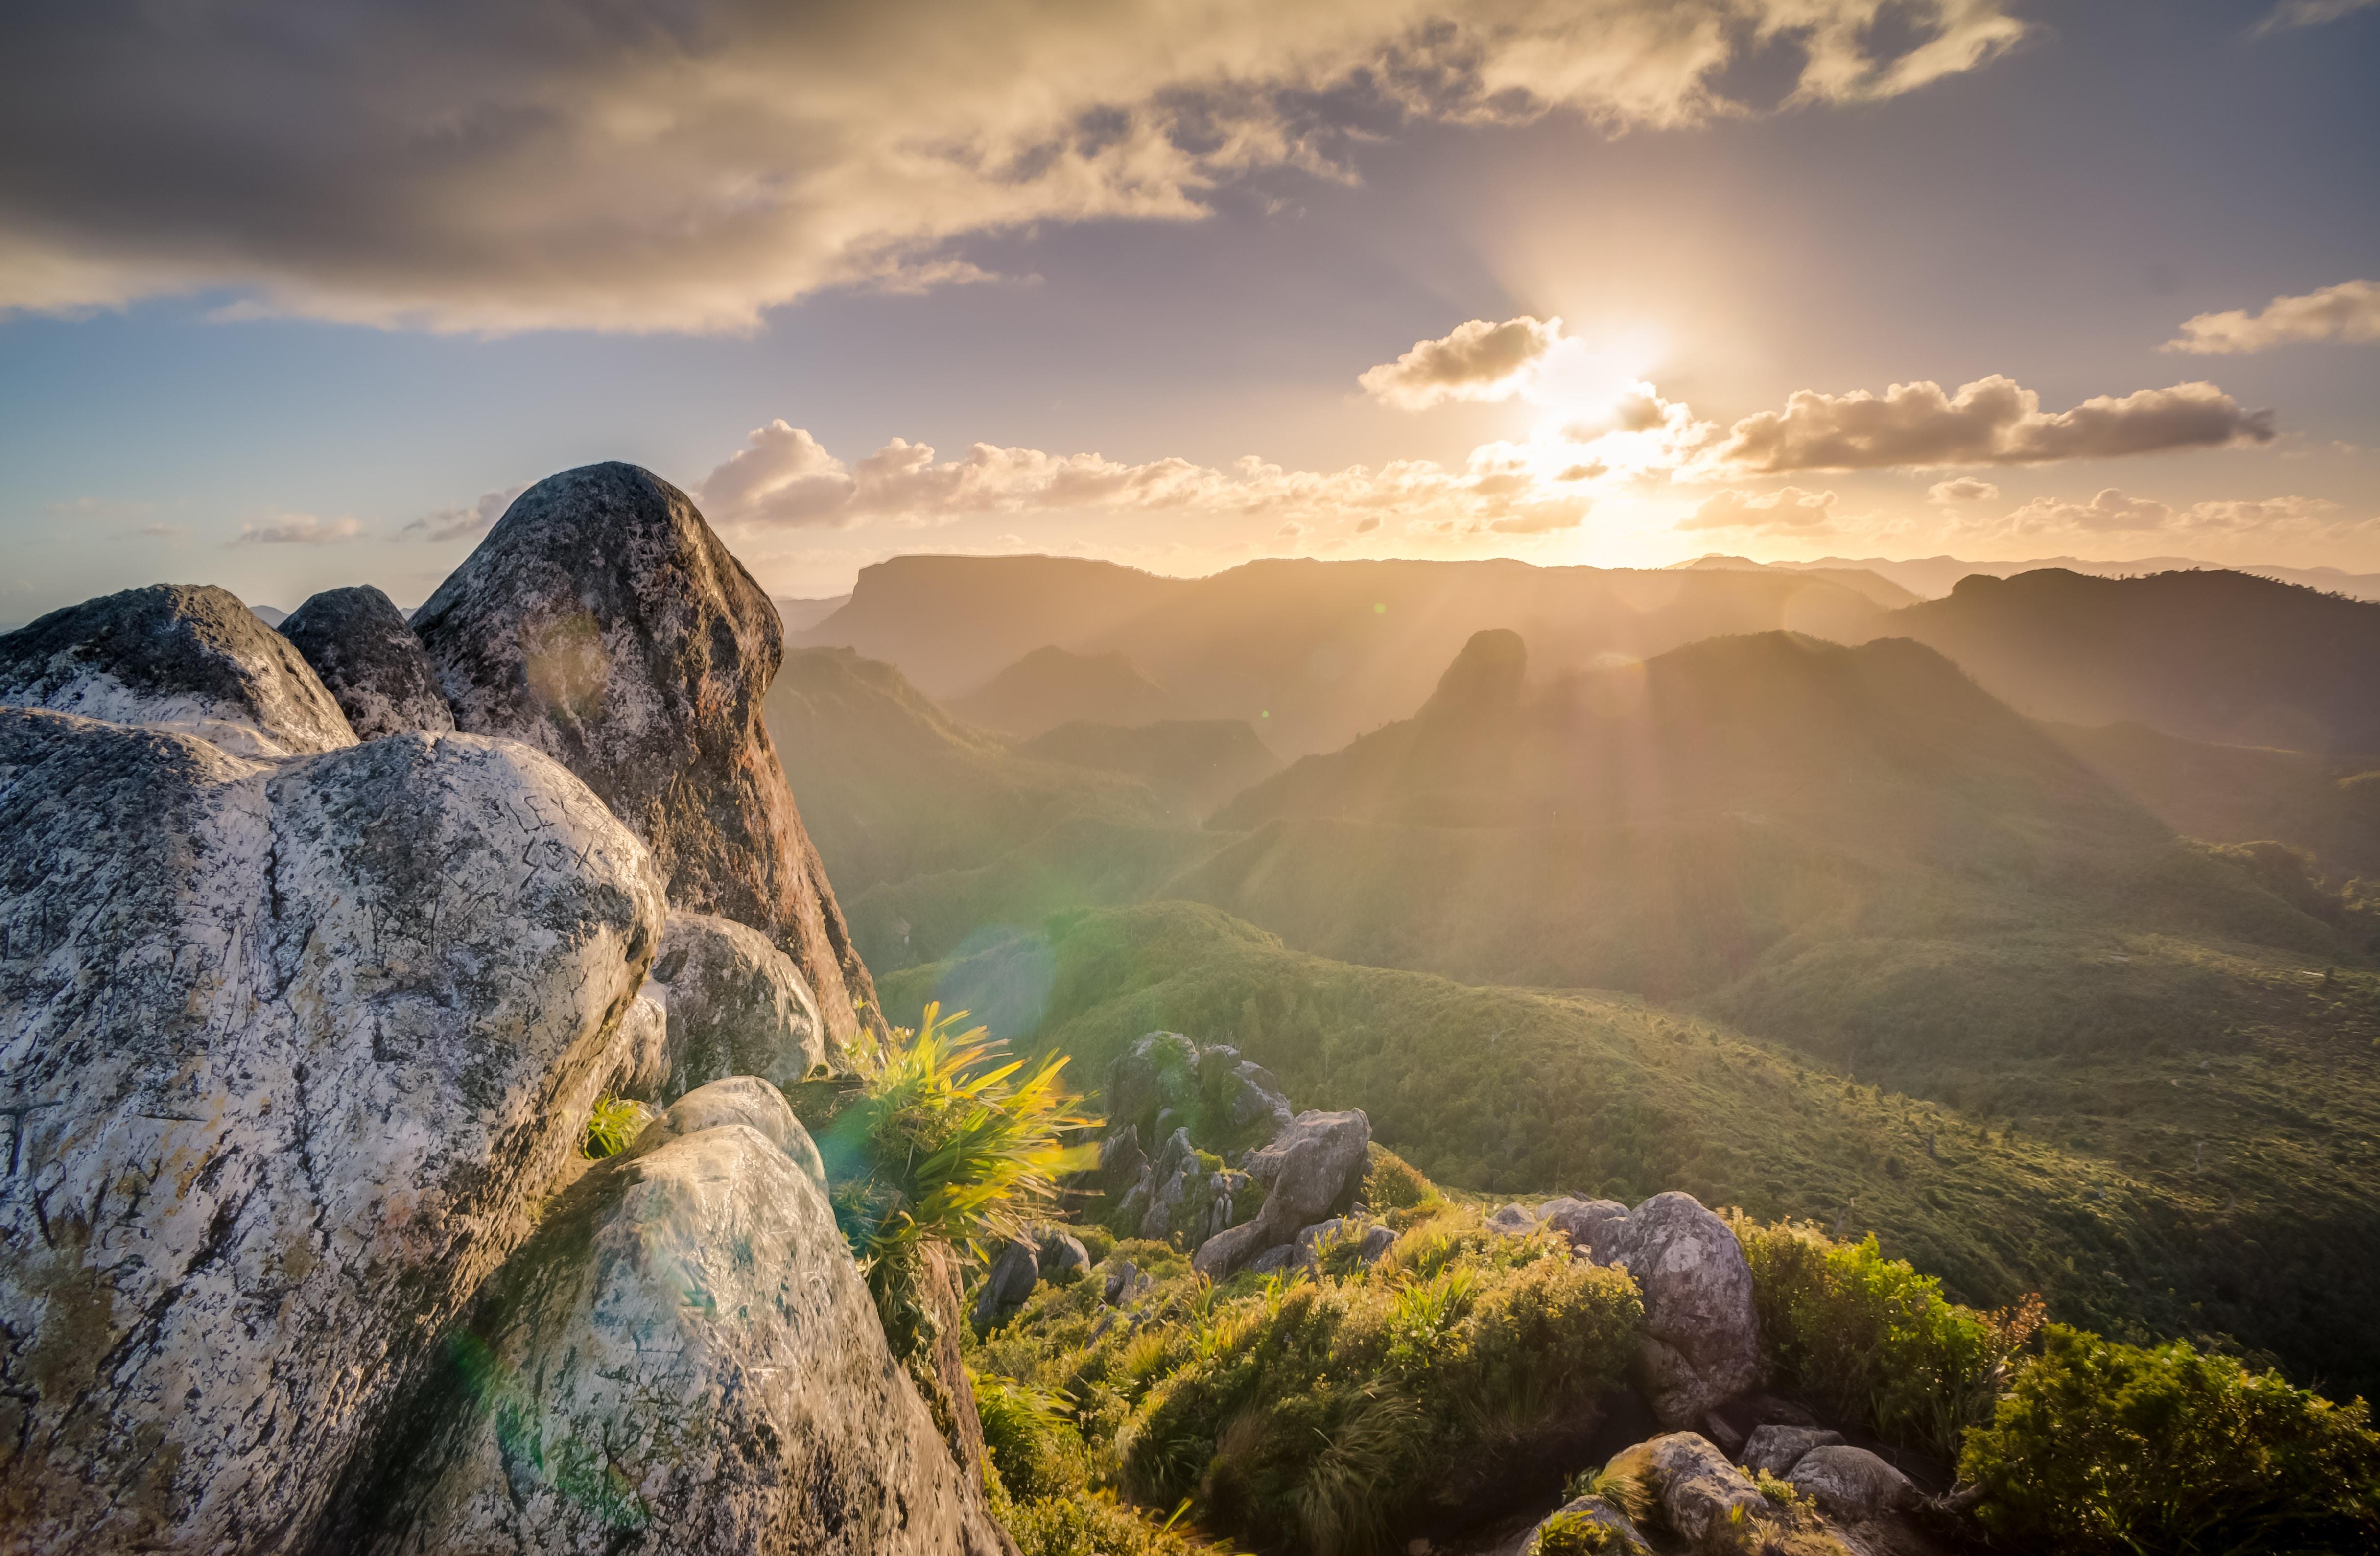 Sun shines over a lush green mountainside